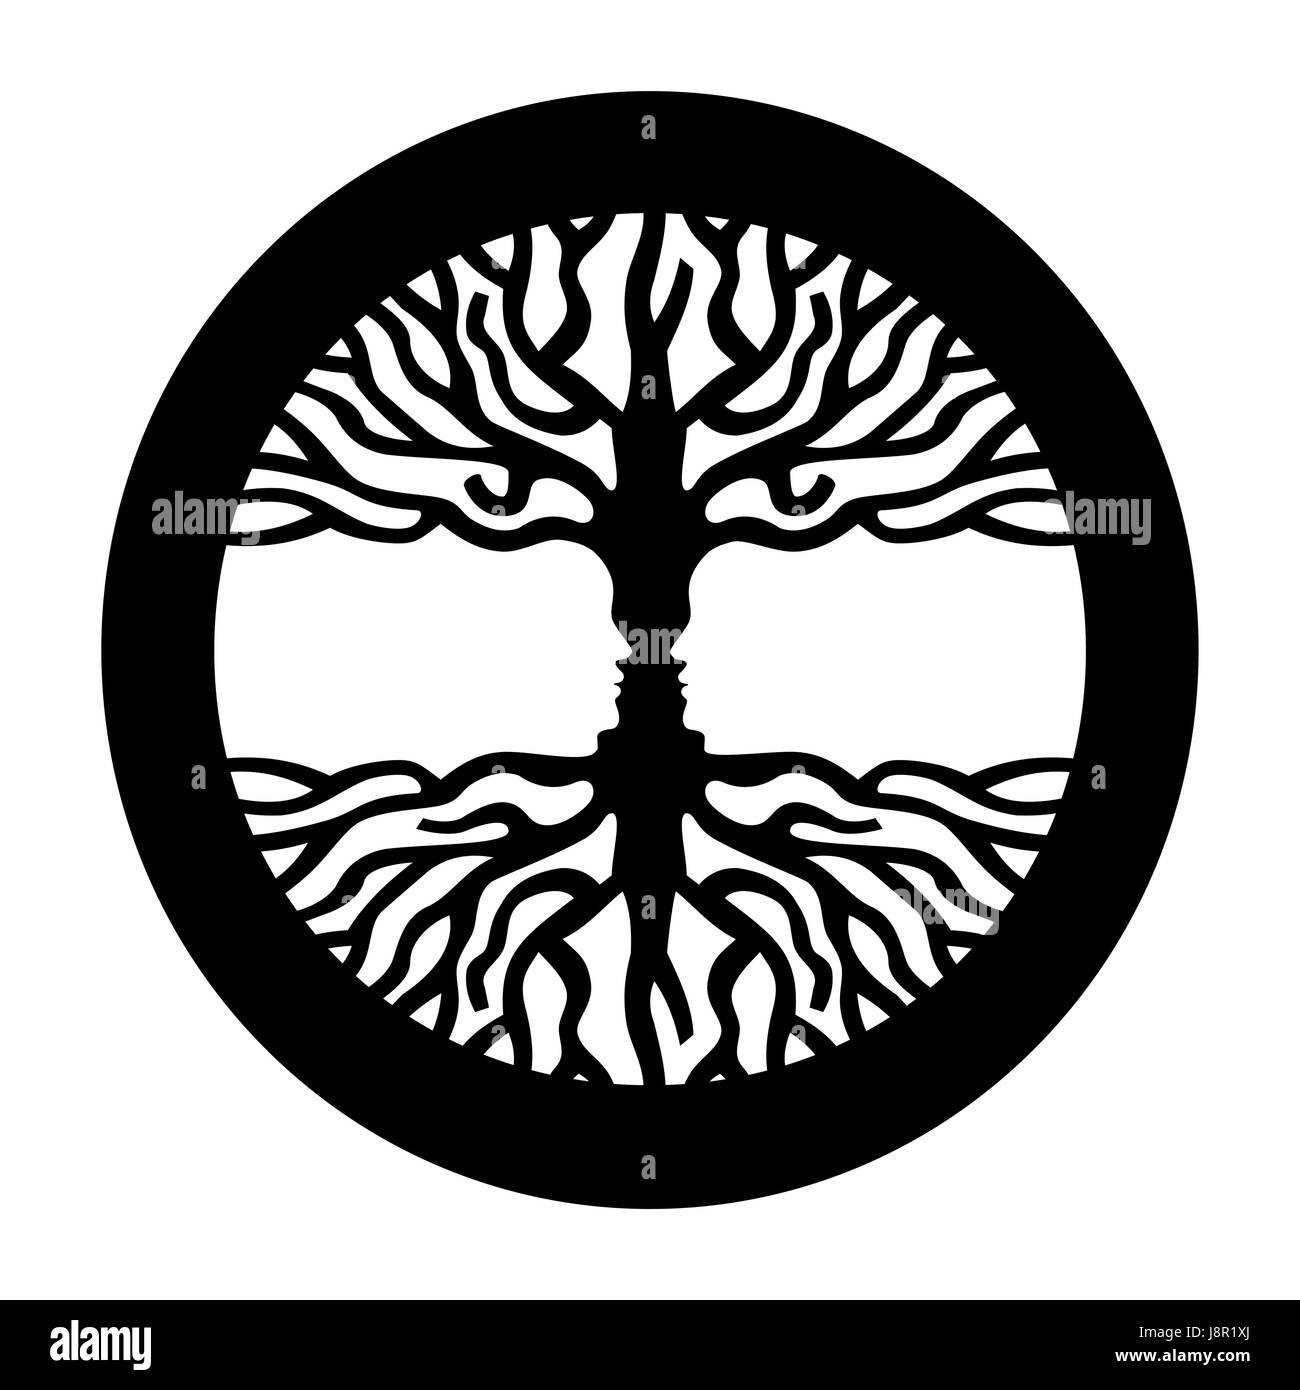 Ilusión Visual símbolo con ramas de árbol y frente a la gente enfrenta. Ilustración del concepto Imagen De Stock